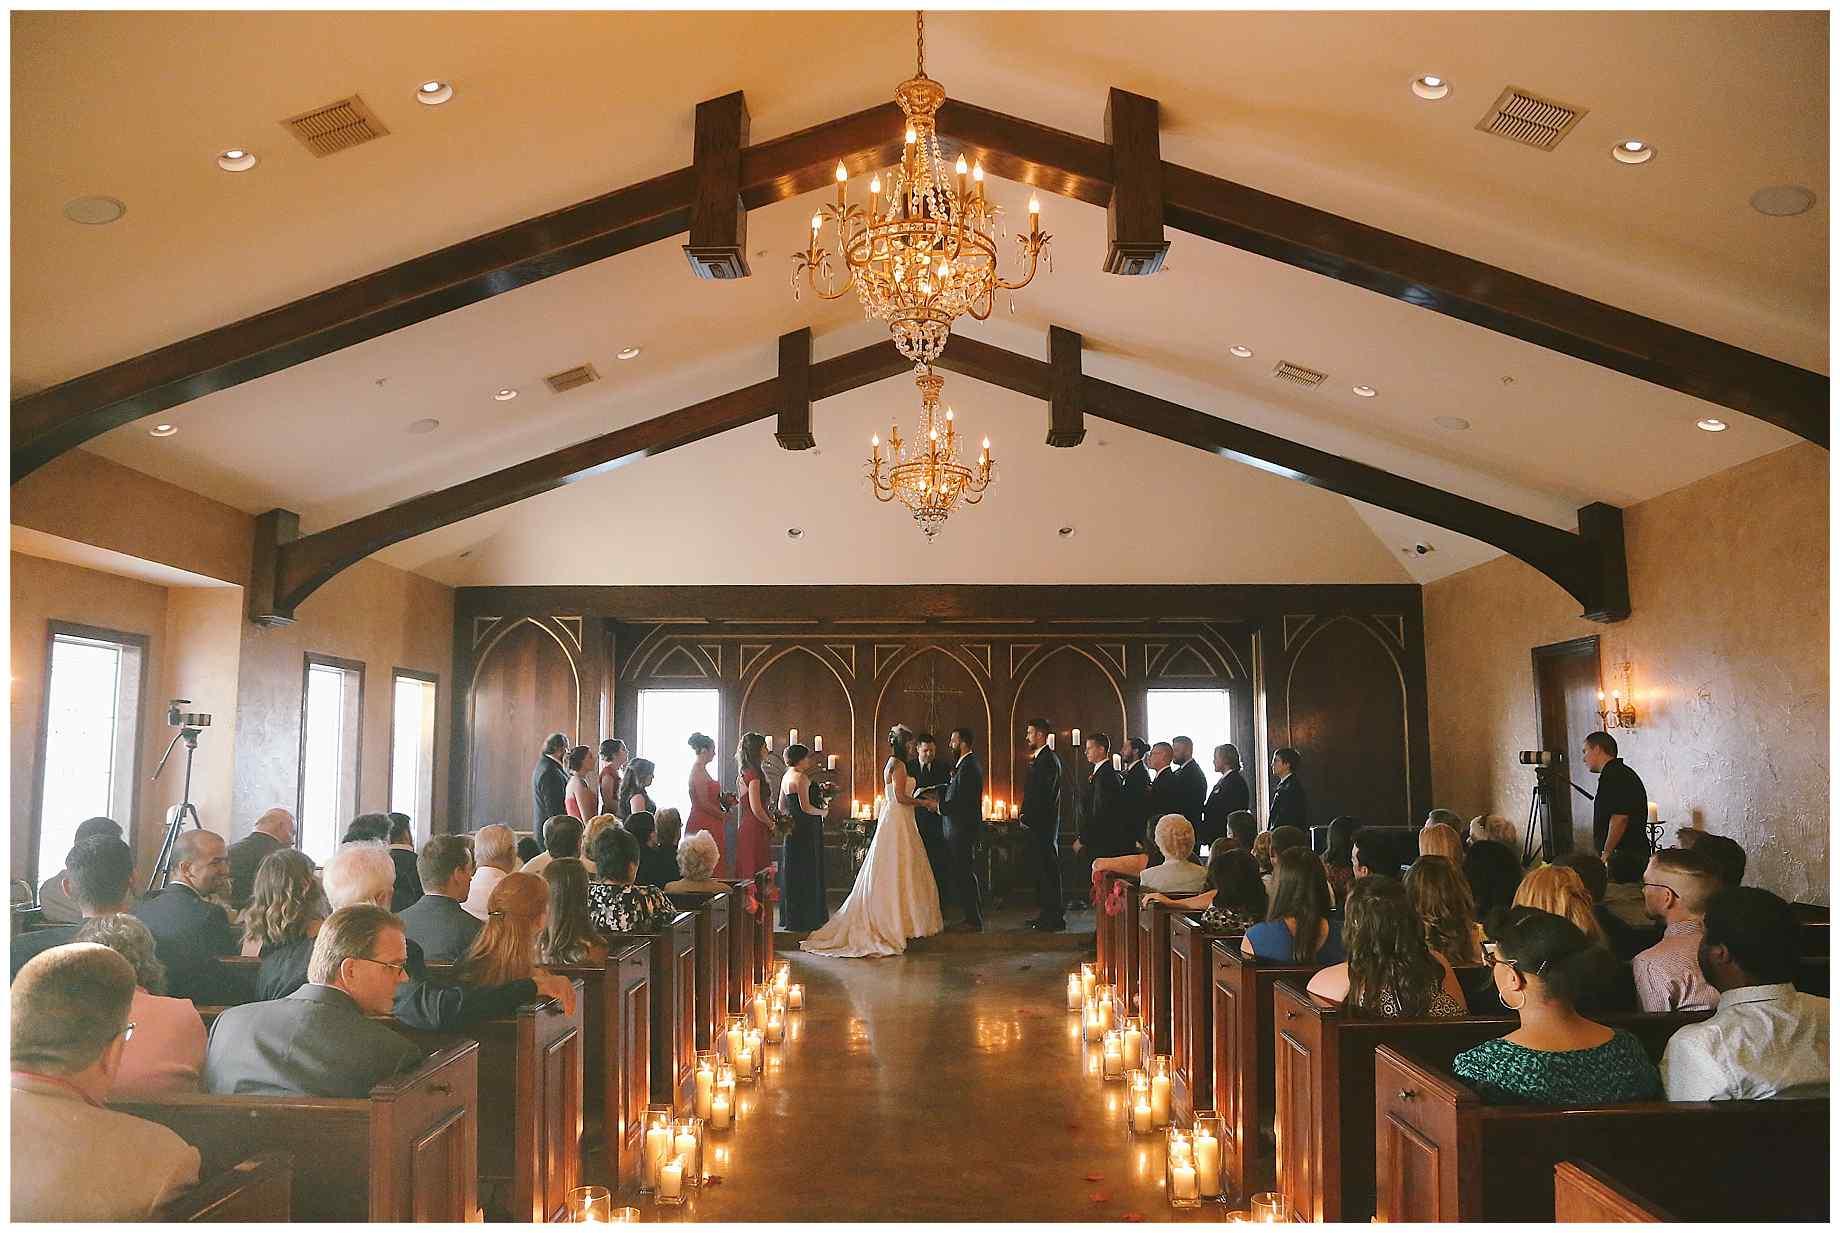 Le-Beaux-Chateau-wedding-photos-021